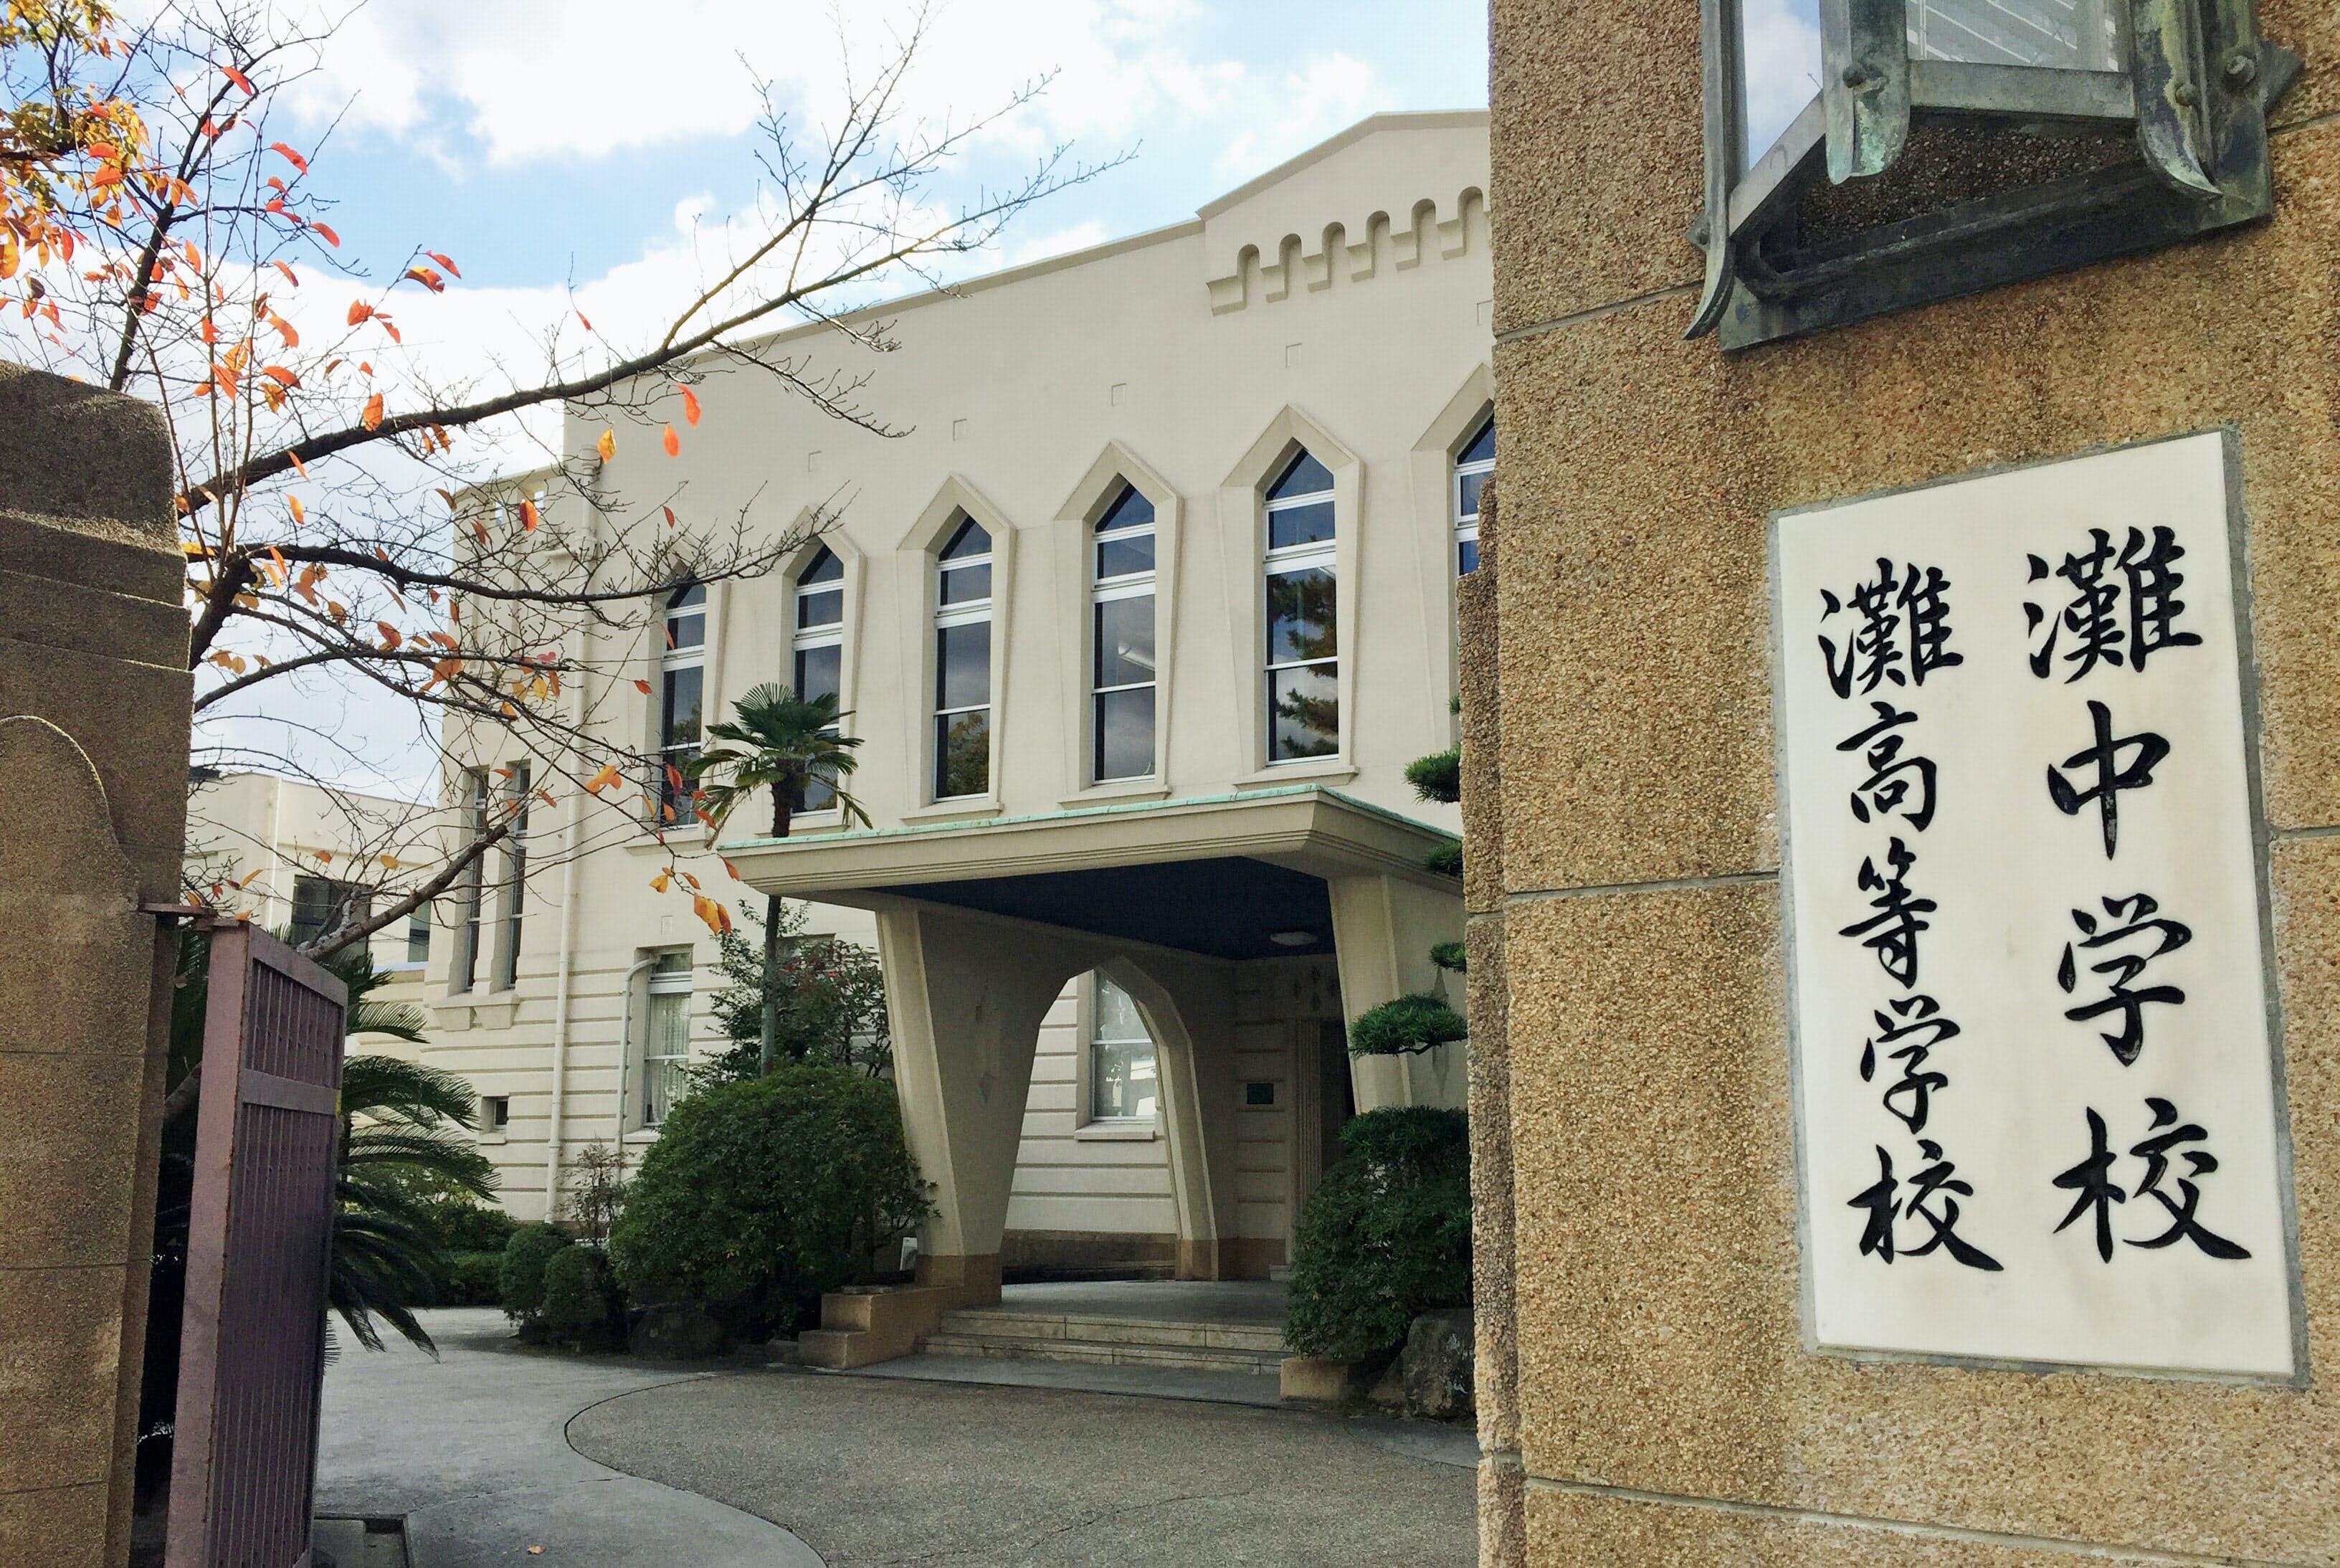 日本最強の進学校はどこ? 灘校の広すぎる廊下|出世ナビ|NIKKEI STYLE